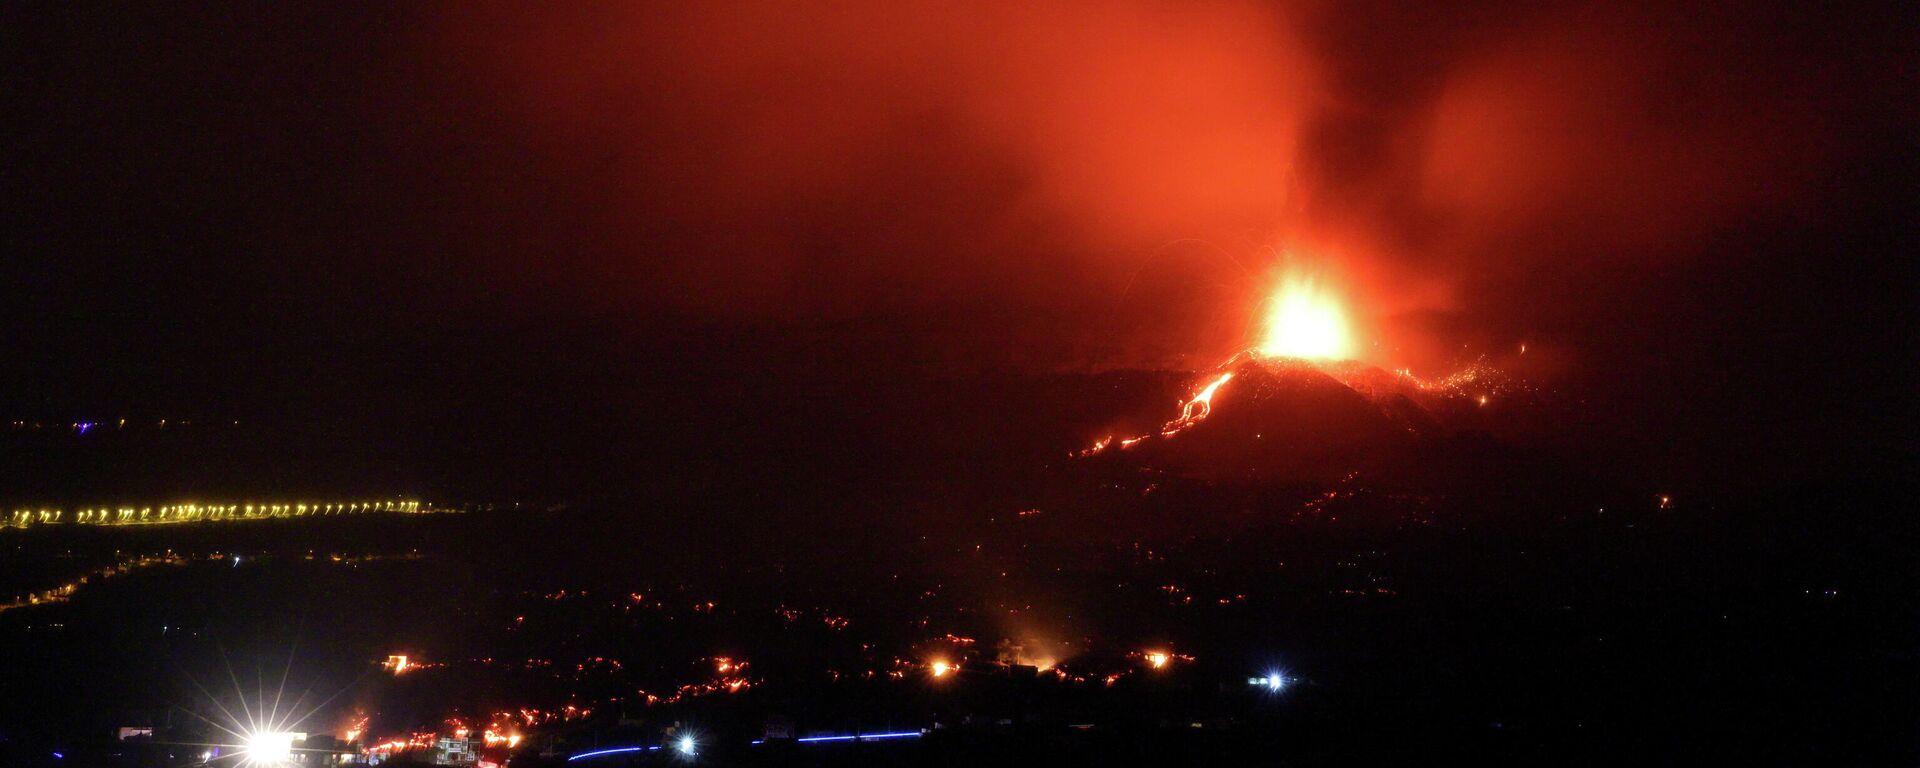 La erupción del volcán de La Palma (en las Islas Canarias) - Sputnik Mundo, 1920, 22.09.2021